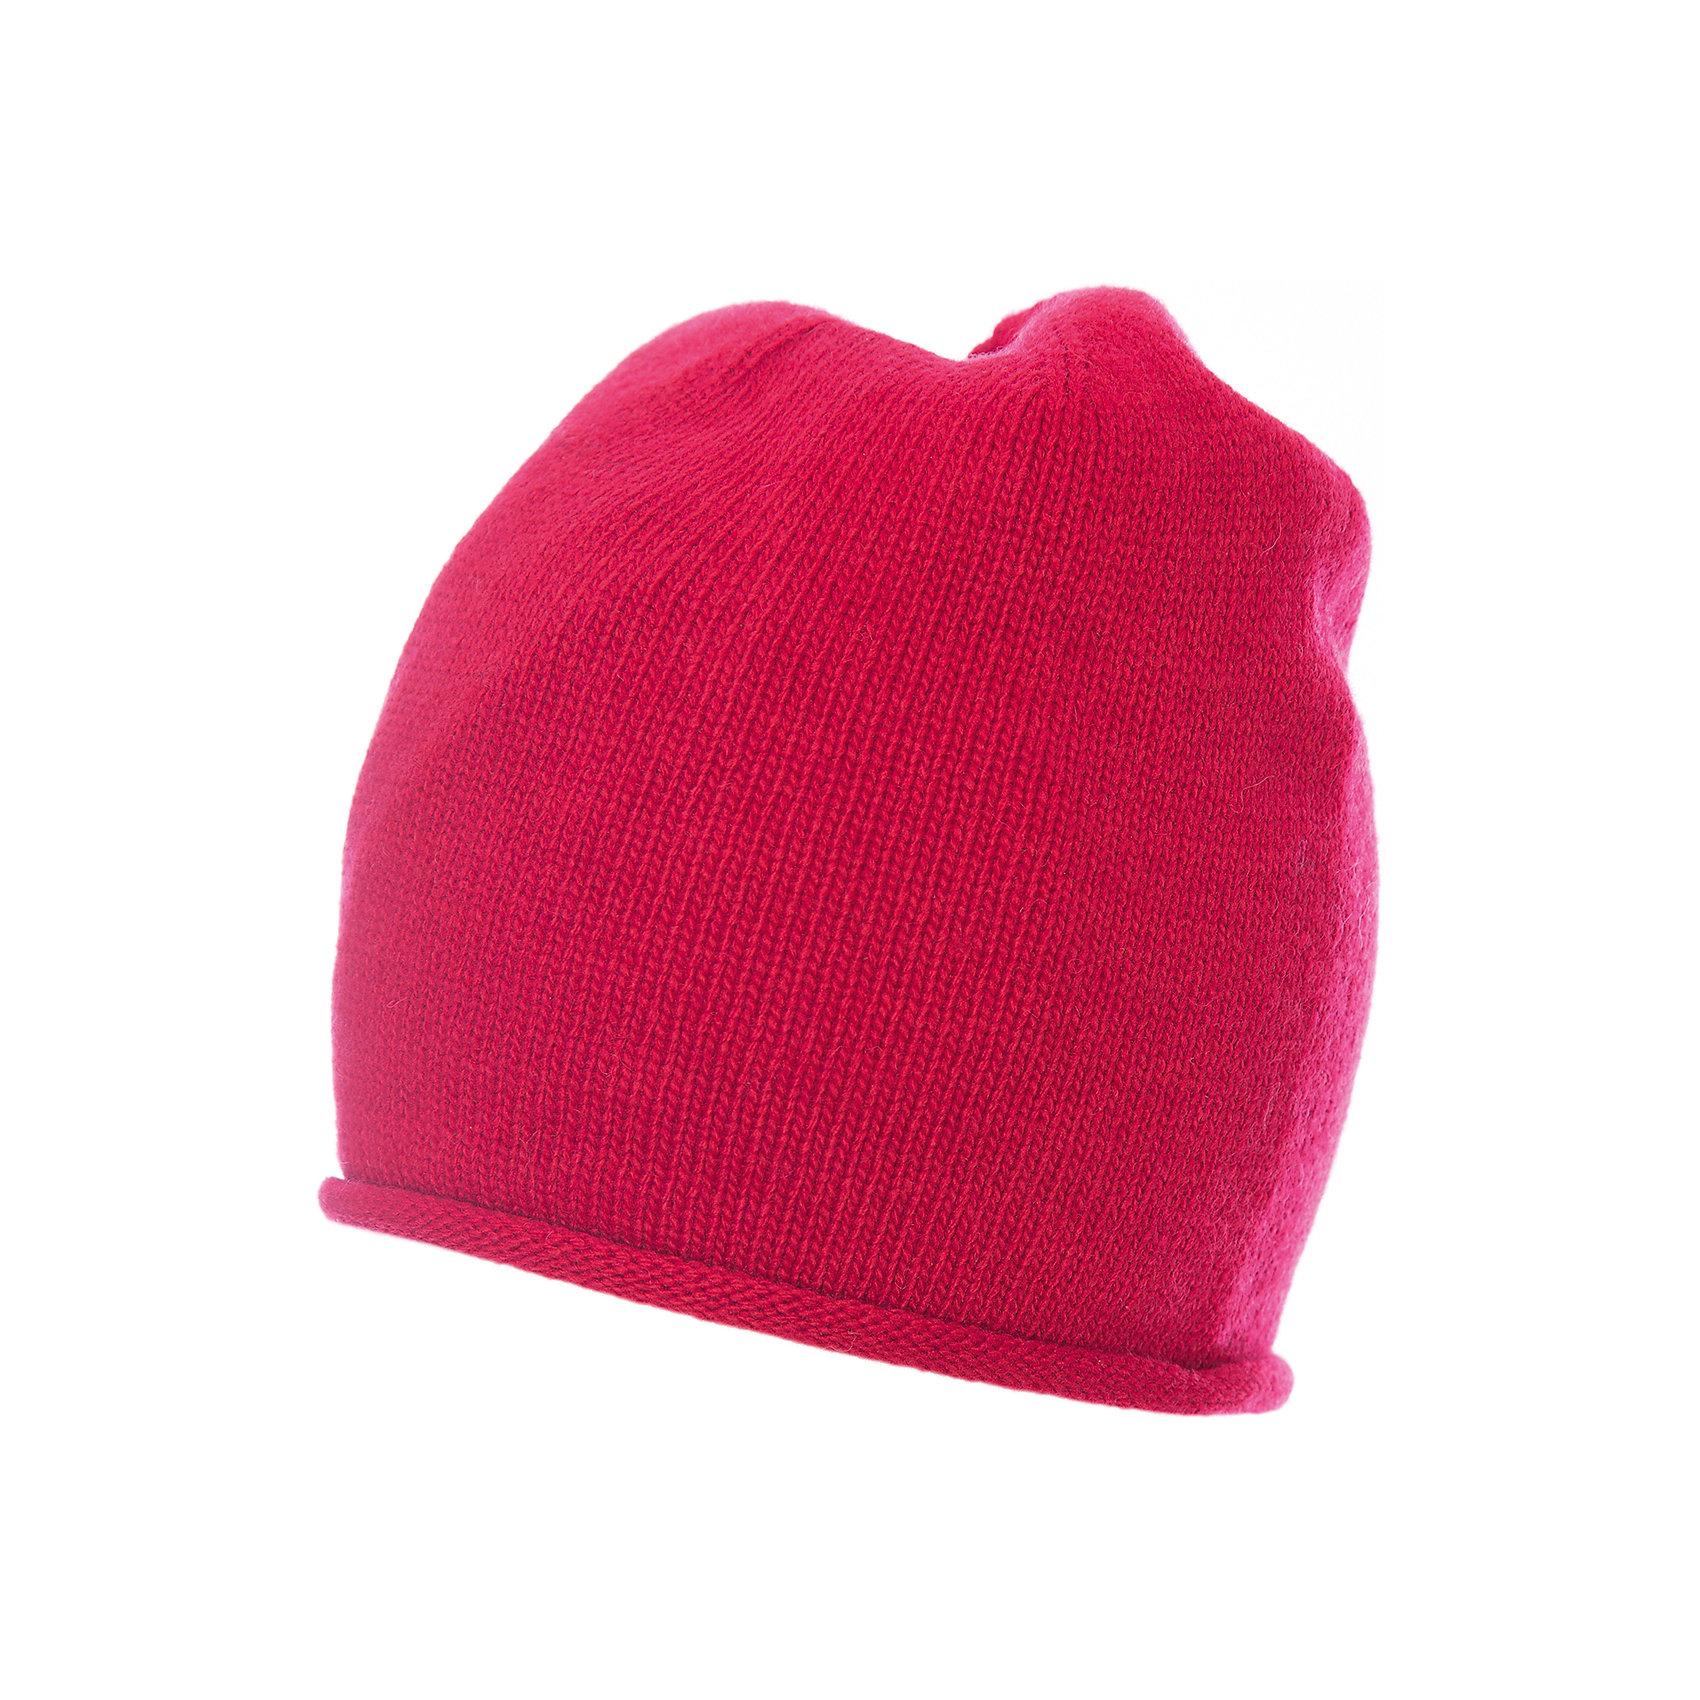 Шапка Gulliver для девочкиГоловные уборы<br>Шапка Gulliver для девочки<br>Детские шапки - необходимые аксессуары для морозной погоды! Их главное предназначение - защита от холода и ветра, но не менее важную роль шапки играют в формировании модного детского образа! Шапка для девочки - функциональный аксессуар, способный сделать ярче и интереснее осенне-зимний ансамбль. Стильная шапка с контрастным отворотом и помпоном из коллекции Графический этюд - идеальное завершение зимнего образа. Забавные принты и нашивки, интересная цветовая комбинация придают модели незабываемые черты. Если вы хотите купить детскую шапку для комфорта, тепла, стиля и индивидуальности, эта модель - прекрасный выбор!<br>Состав:<br>40% шерсть     40% вискоза        20% хлопок<br><br>Ширина мм: 89<br>Глубина мм: 117<br>Высота мм: 44<br>Вес г: 155<br>Цвет: красный<br>Возраст от месяцев: 48<br>Возраст до месяцев: 60<br>Пол: Женский<br>Возраст: Детский<br>Размер: 52,50<br>SKU: 7078476